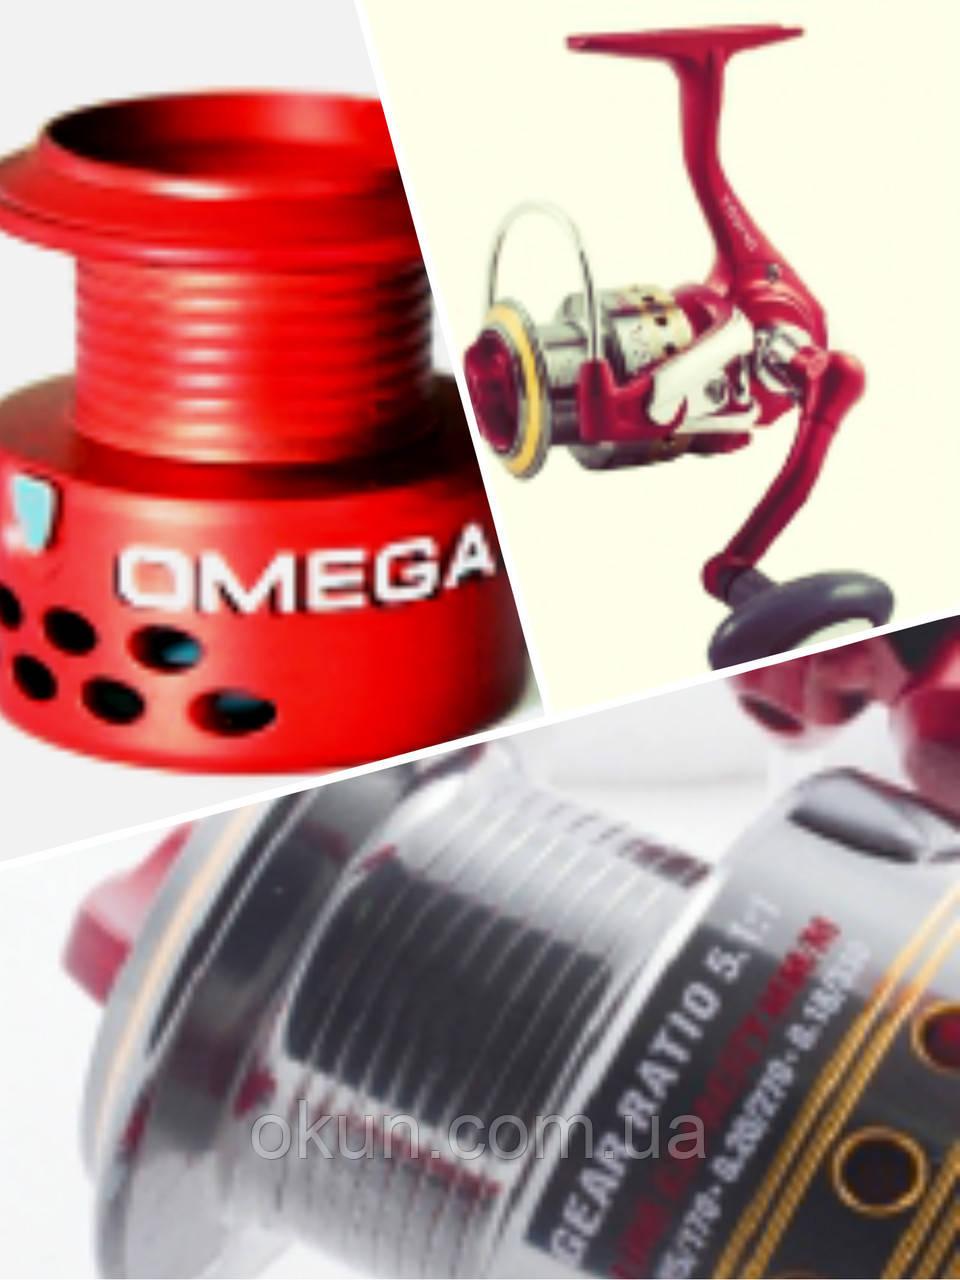 Катушка Omega 1000 FD 3+1